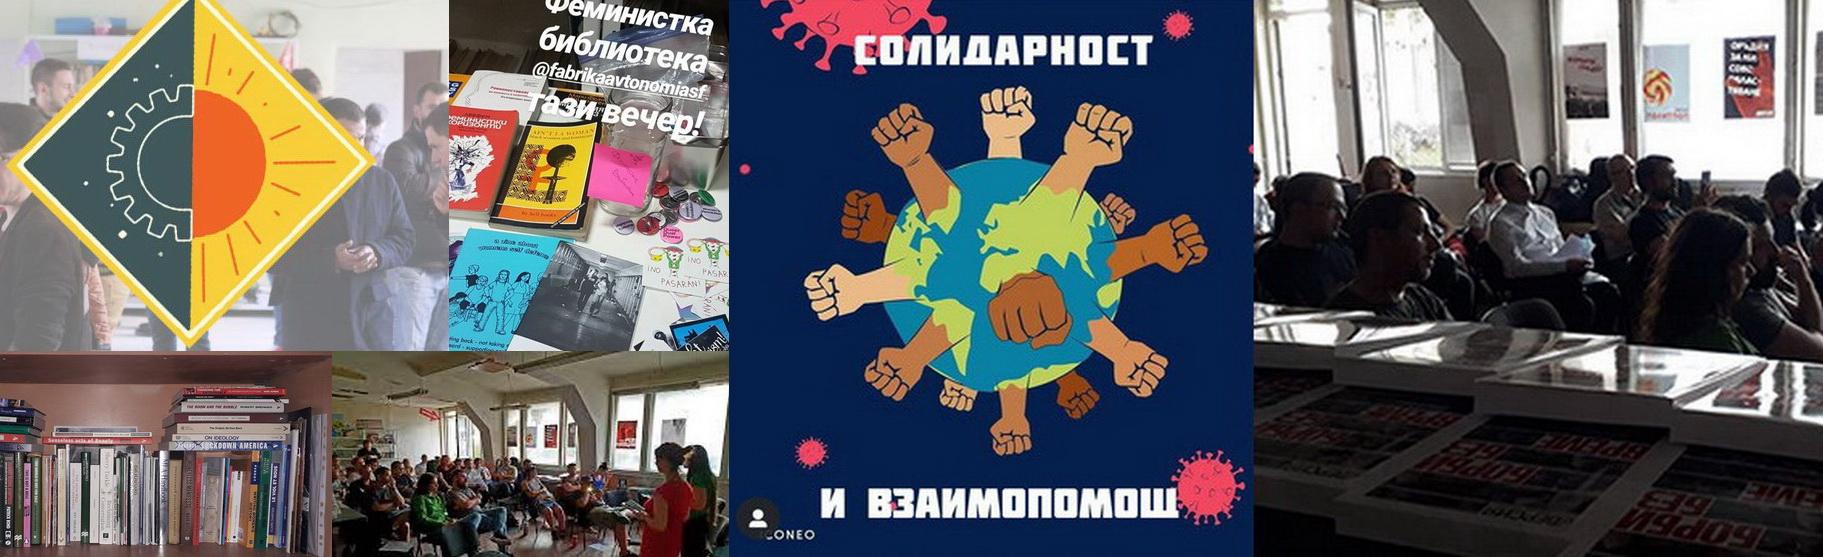 Αλληλεγγύη στους αυτοοργανωμένους χώρους που πλήττονται από την κρίση της πανδημίας!